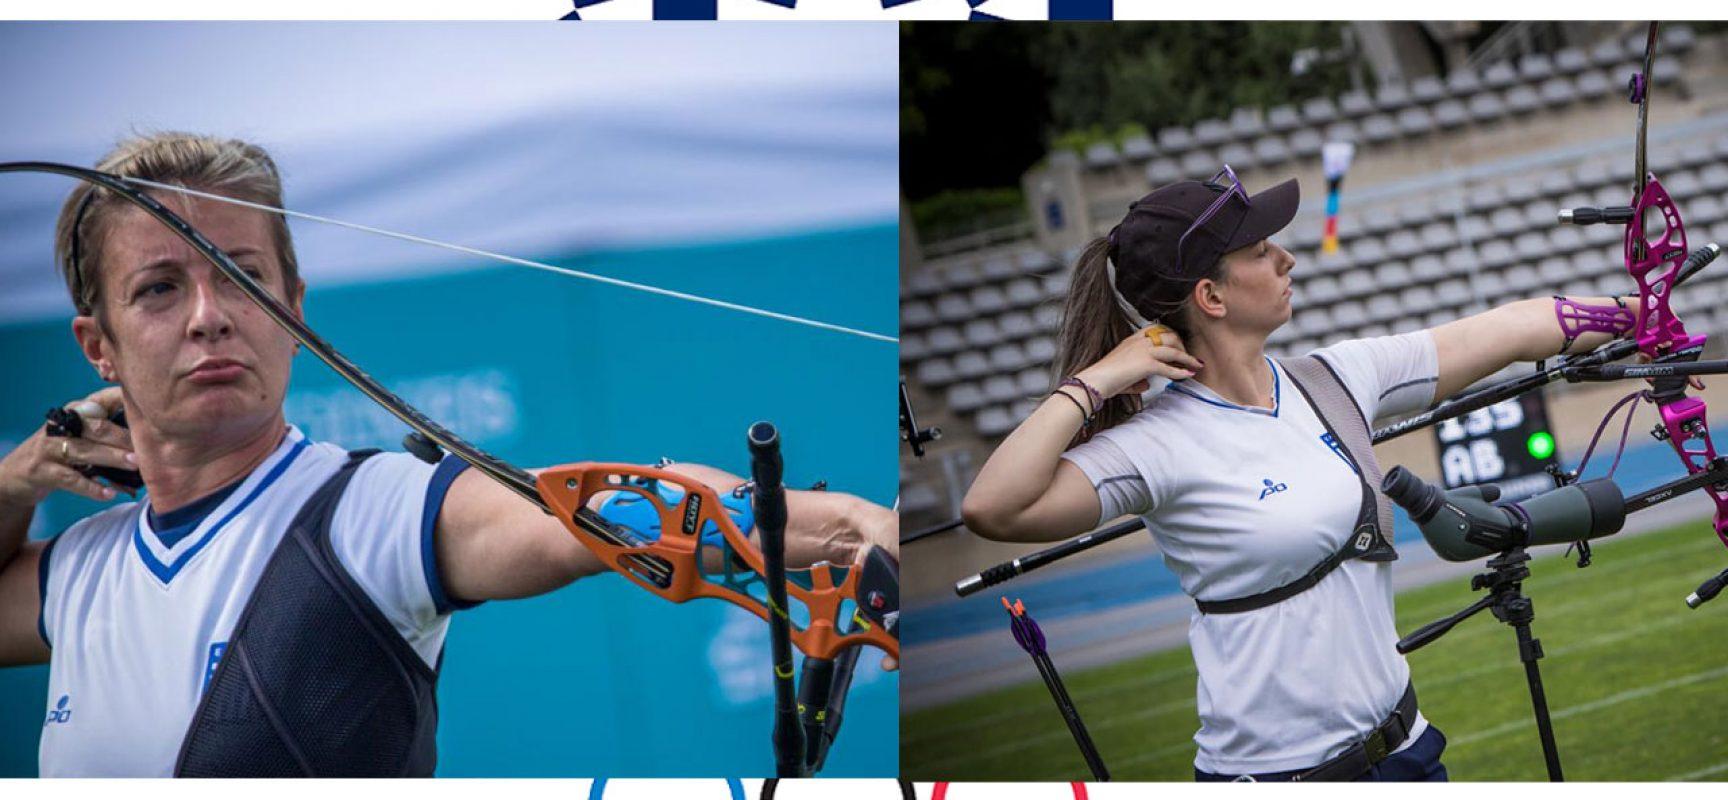 Ελληνική αποστολή Παρίσι 2021. Πήρε το εισητήριο η Ευαγγελία Ψάρρα για τους ολυμπιακούς του Τόκυο